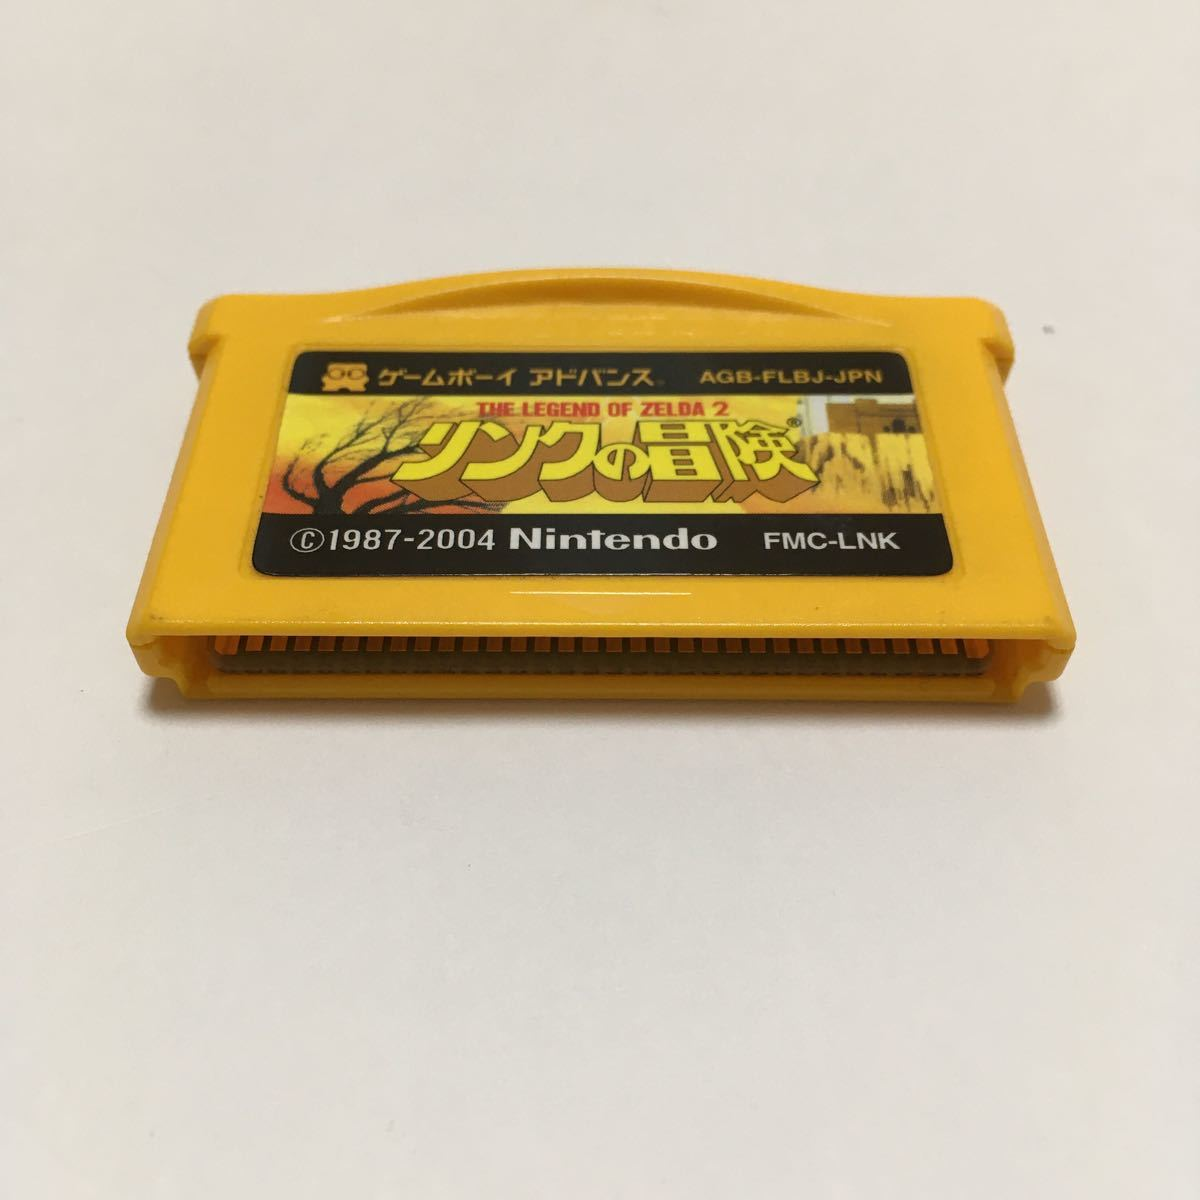 ゲームボーイアドバンス ソフト リンクの冒険 ファミコンミニ GBA 動作確認済み ゼルダの伝説